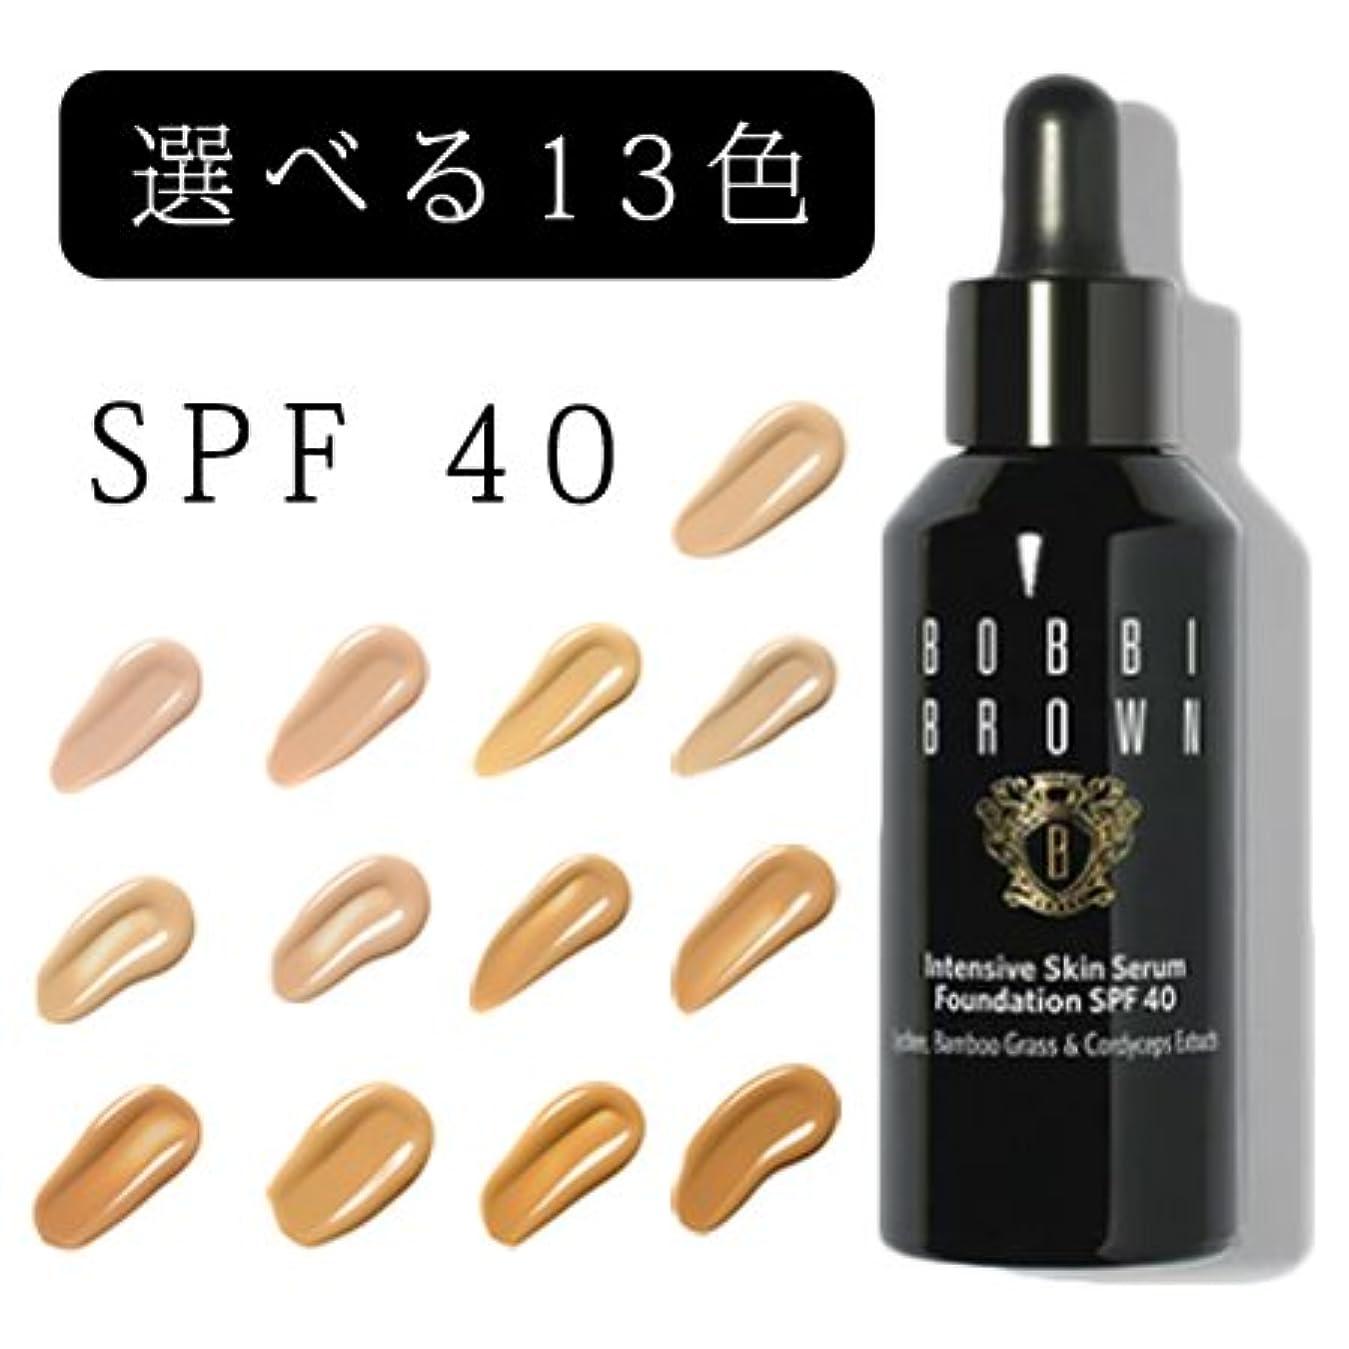 ボビイブラウン インテンシブ スキン セラム ファンデーション SPF 40 (PA++++) 13色展開 -BOBBI BROWN- クールサンド(標準色)